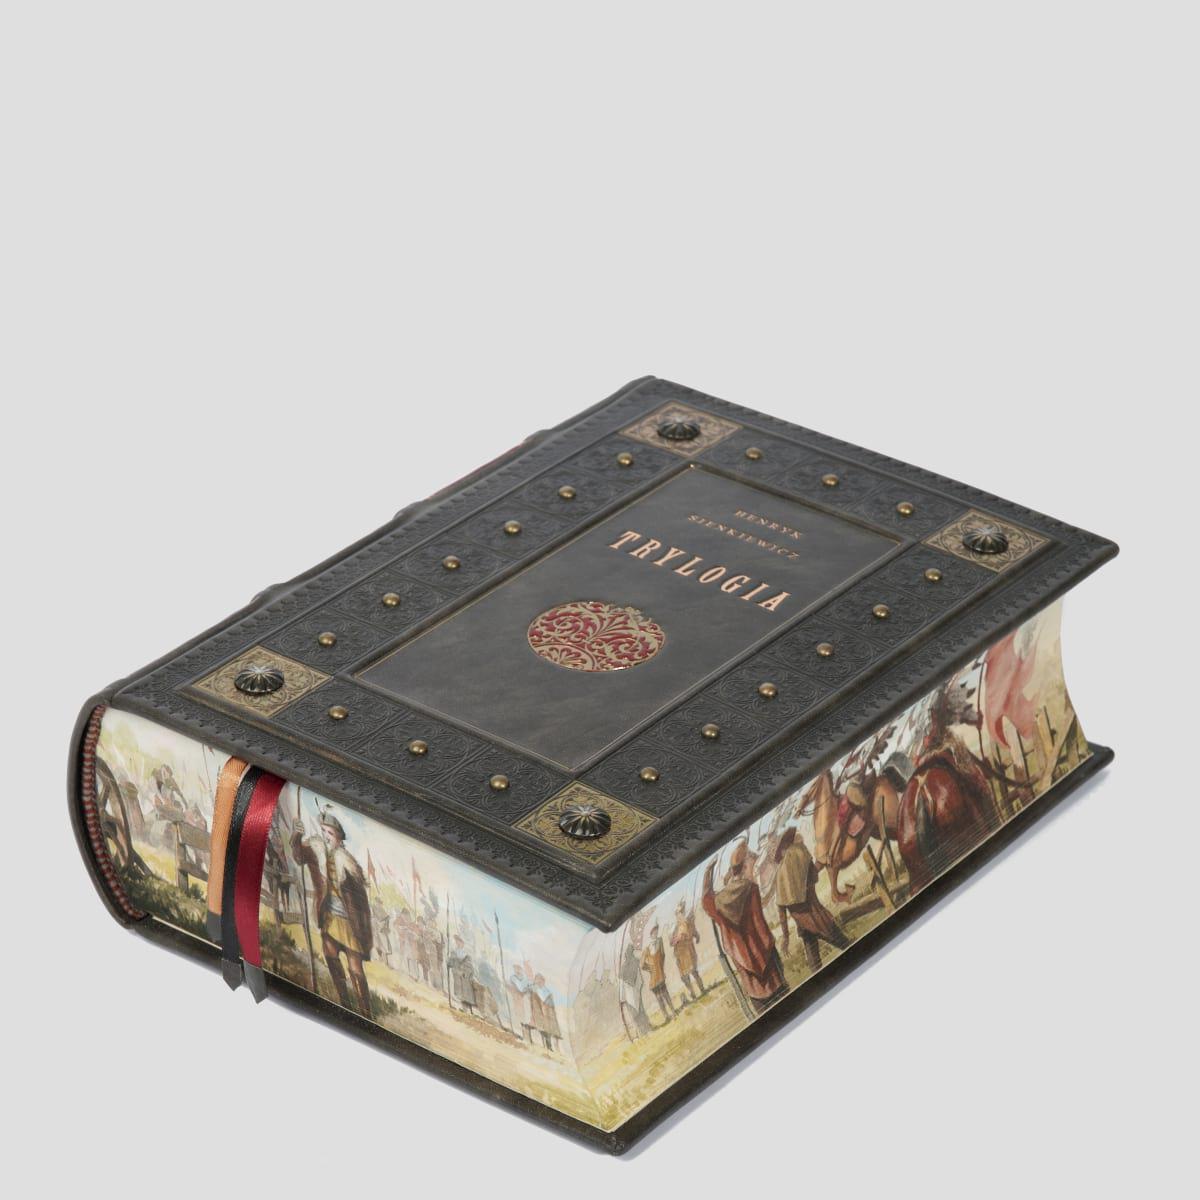 Ręcznie malowana, książka artystyczna Sienkiewicza Henryka, Trylogia